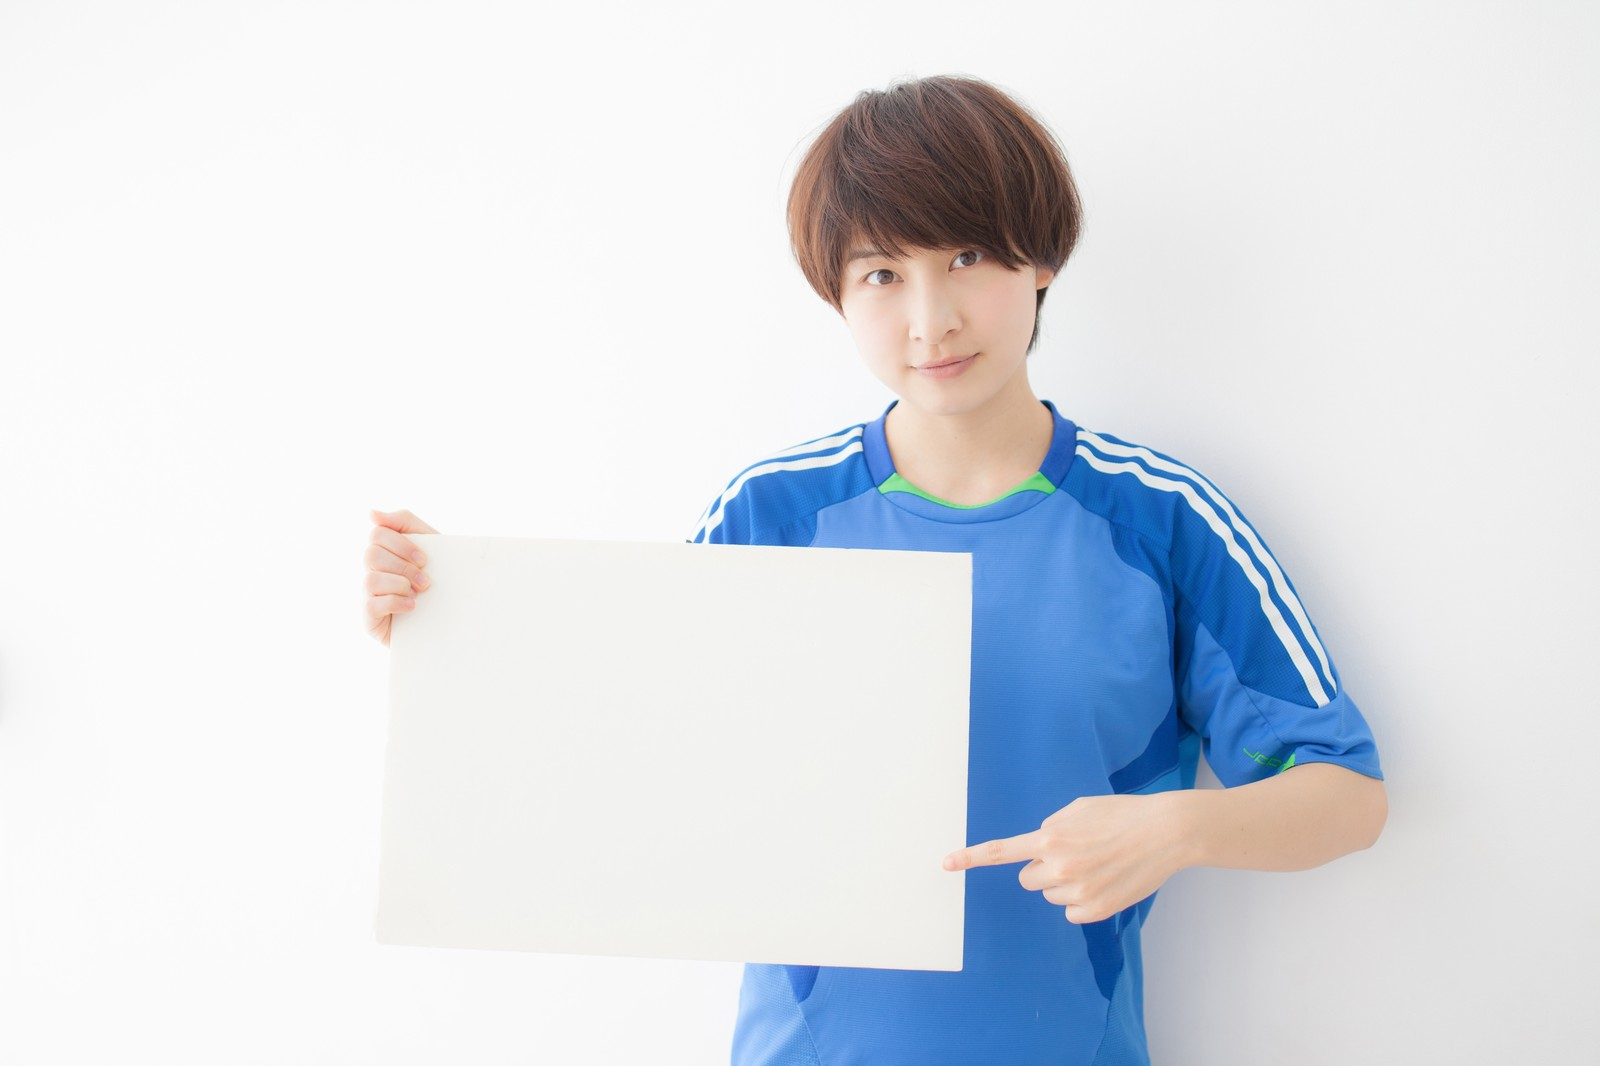 「フリップで解説するサッカー女子 | 写真の無料素材・フリー素材 - ぱくたそ」の写真[モデル:八木彩香]